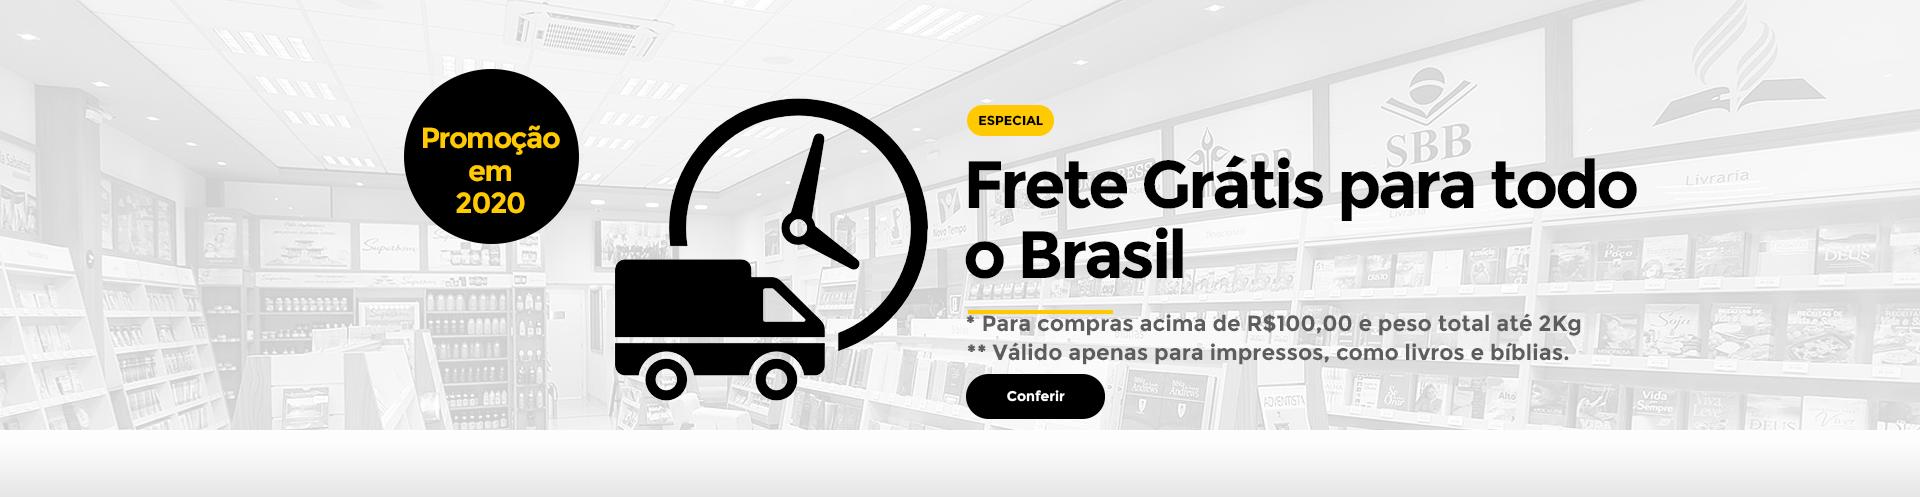 frete gratis 100 reais 2kg